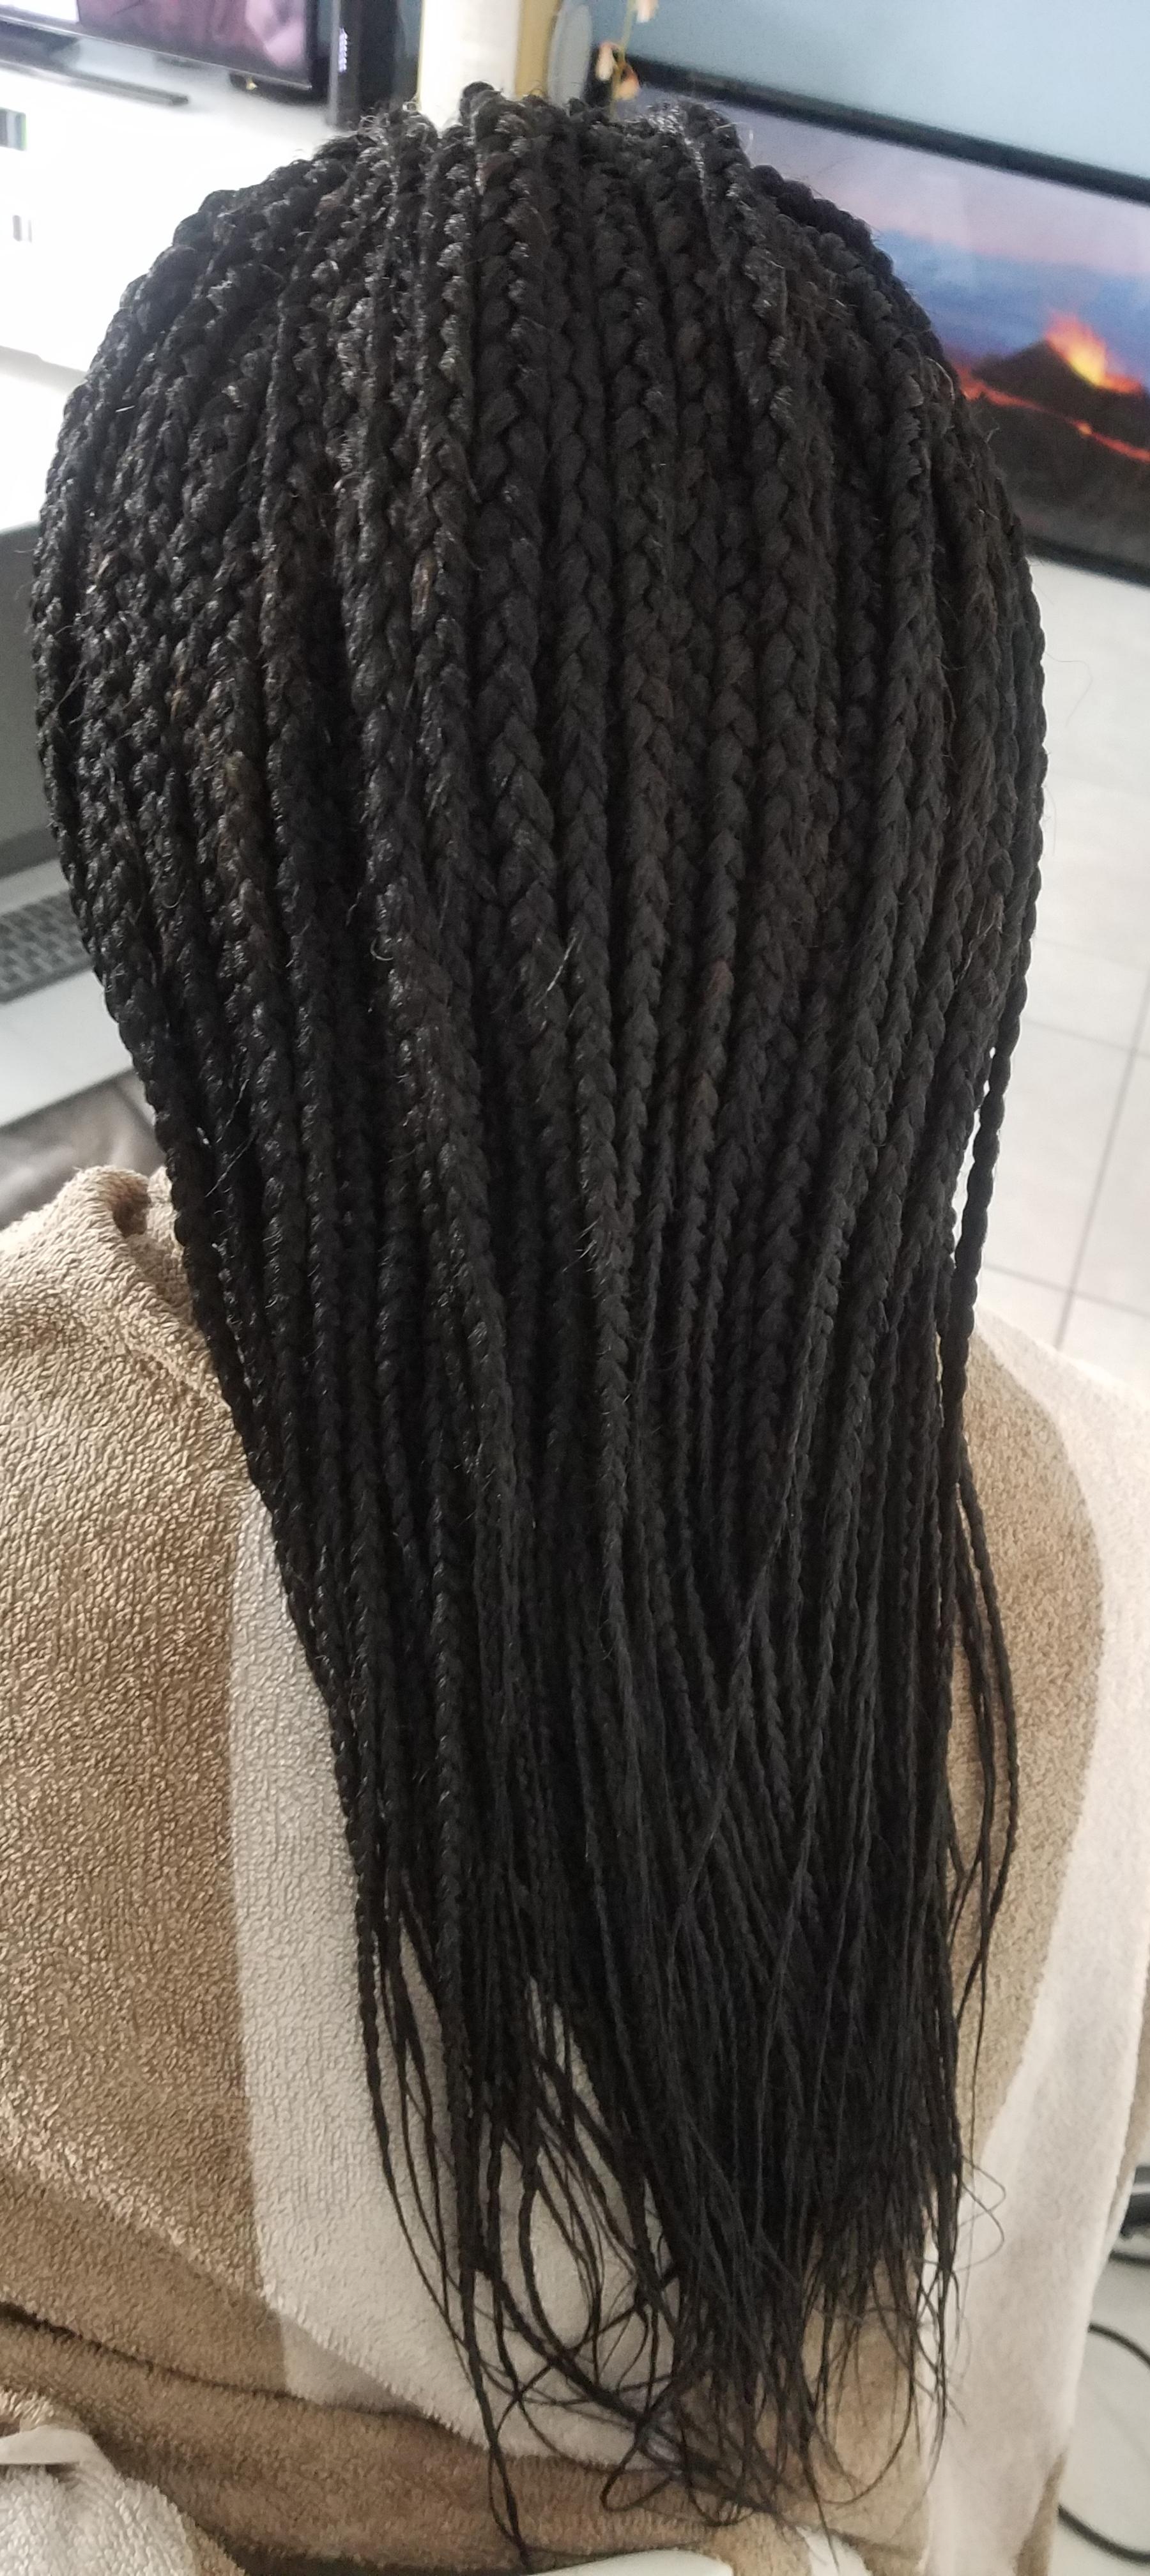 salon de coiffure afro tresse tresses box braids crochet braids vanilles tissages paris 75 77 78 91 92 93 94 95 KIYTHDVX